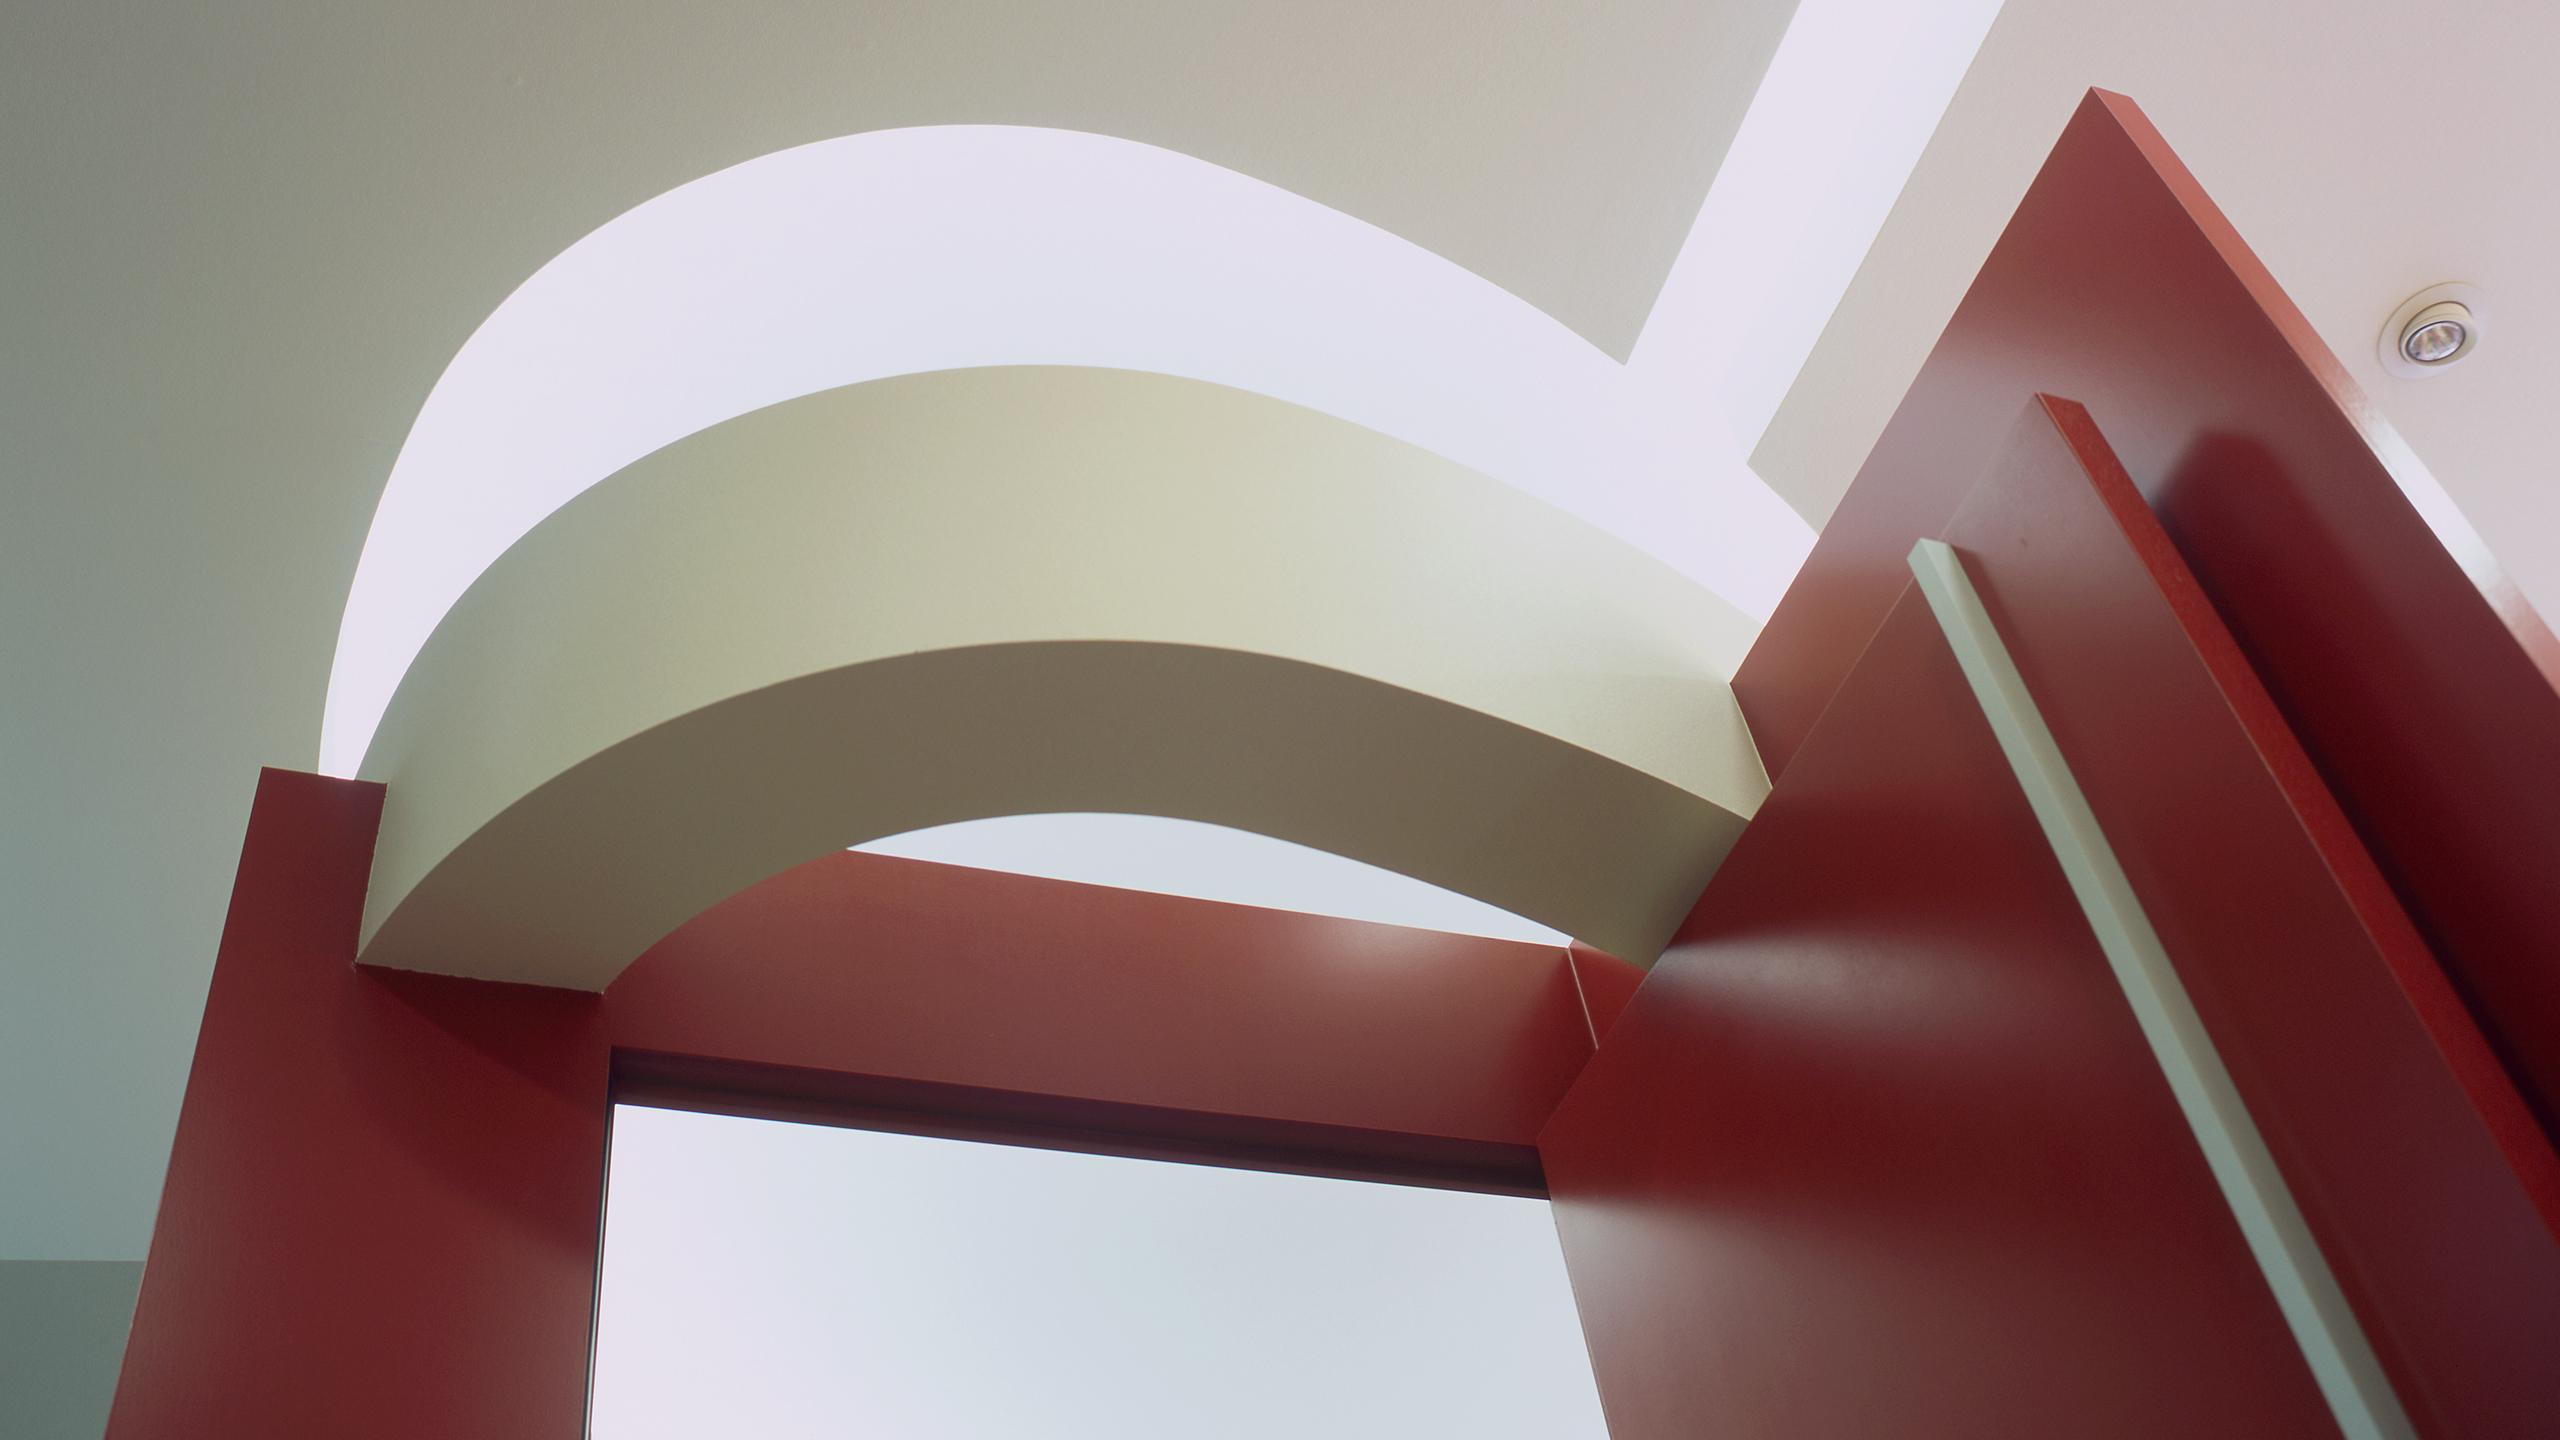 Lichtplanung der Apotheke: Das indirekte Licht bringt  die besonderen Deckenelemente zur Geltung